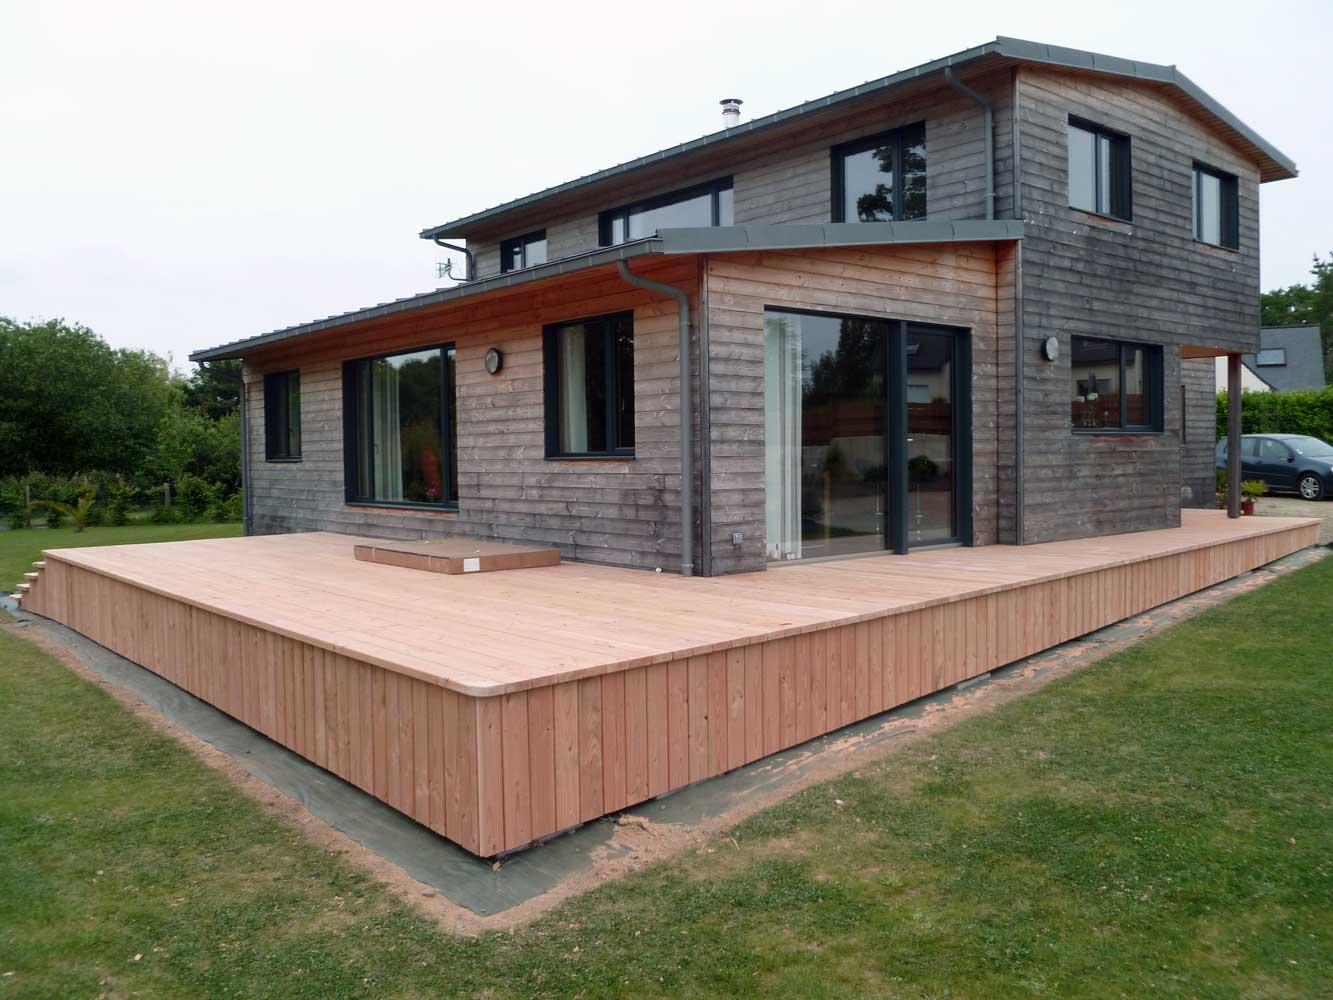 construibois-plougonven-maison-bois8